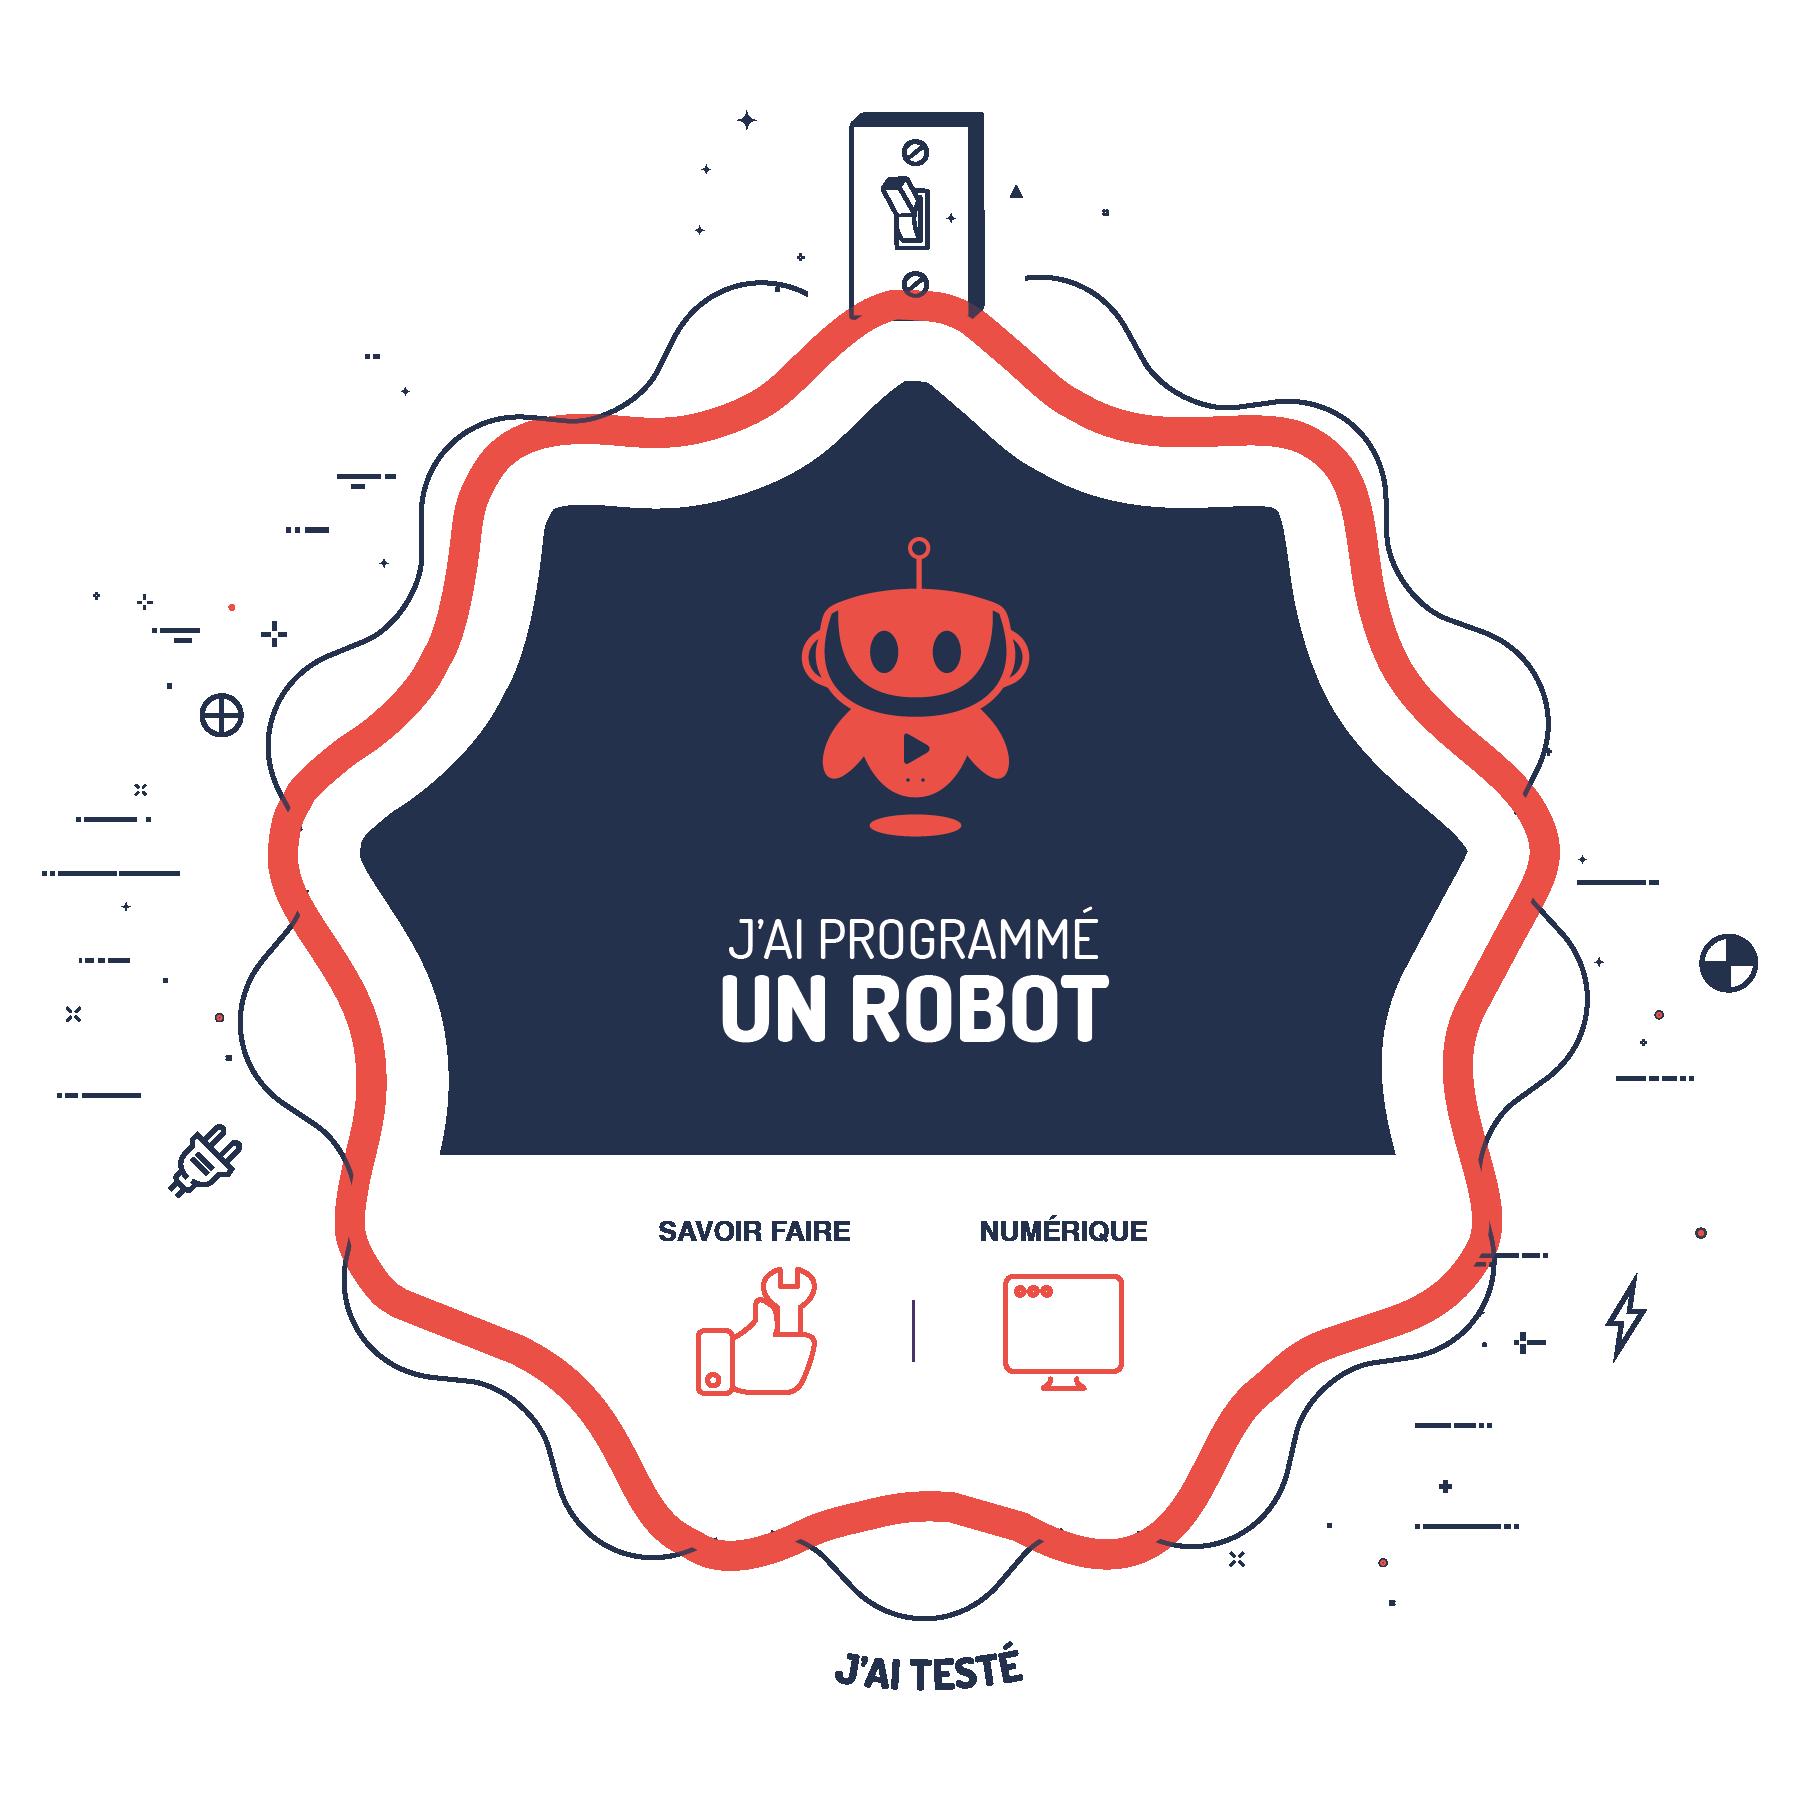 J'ai programmé un robot